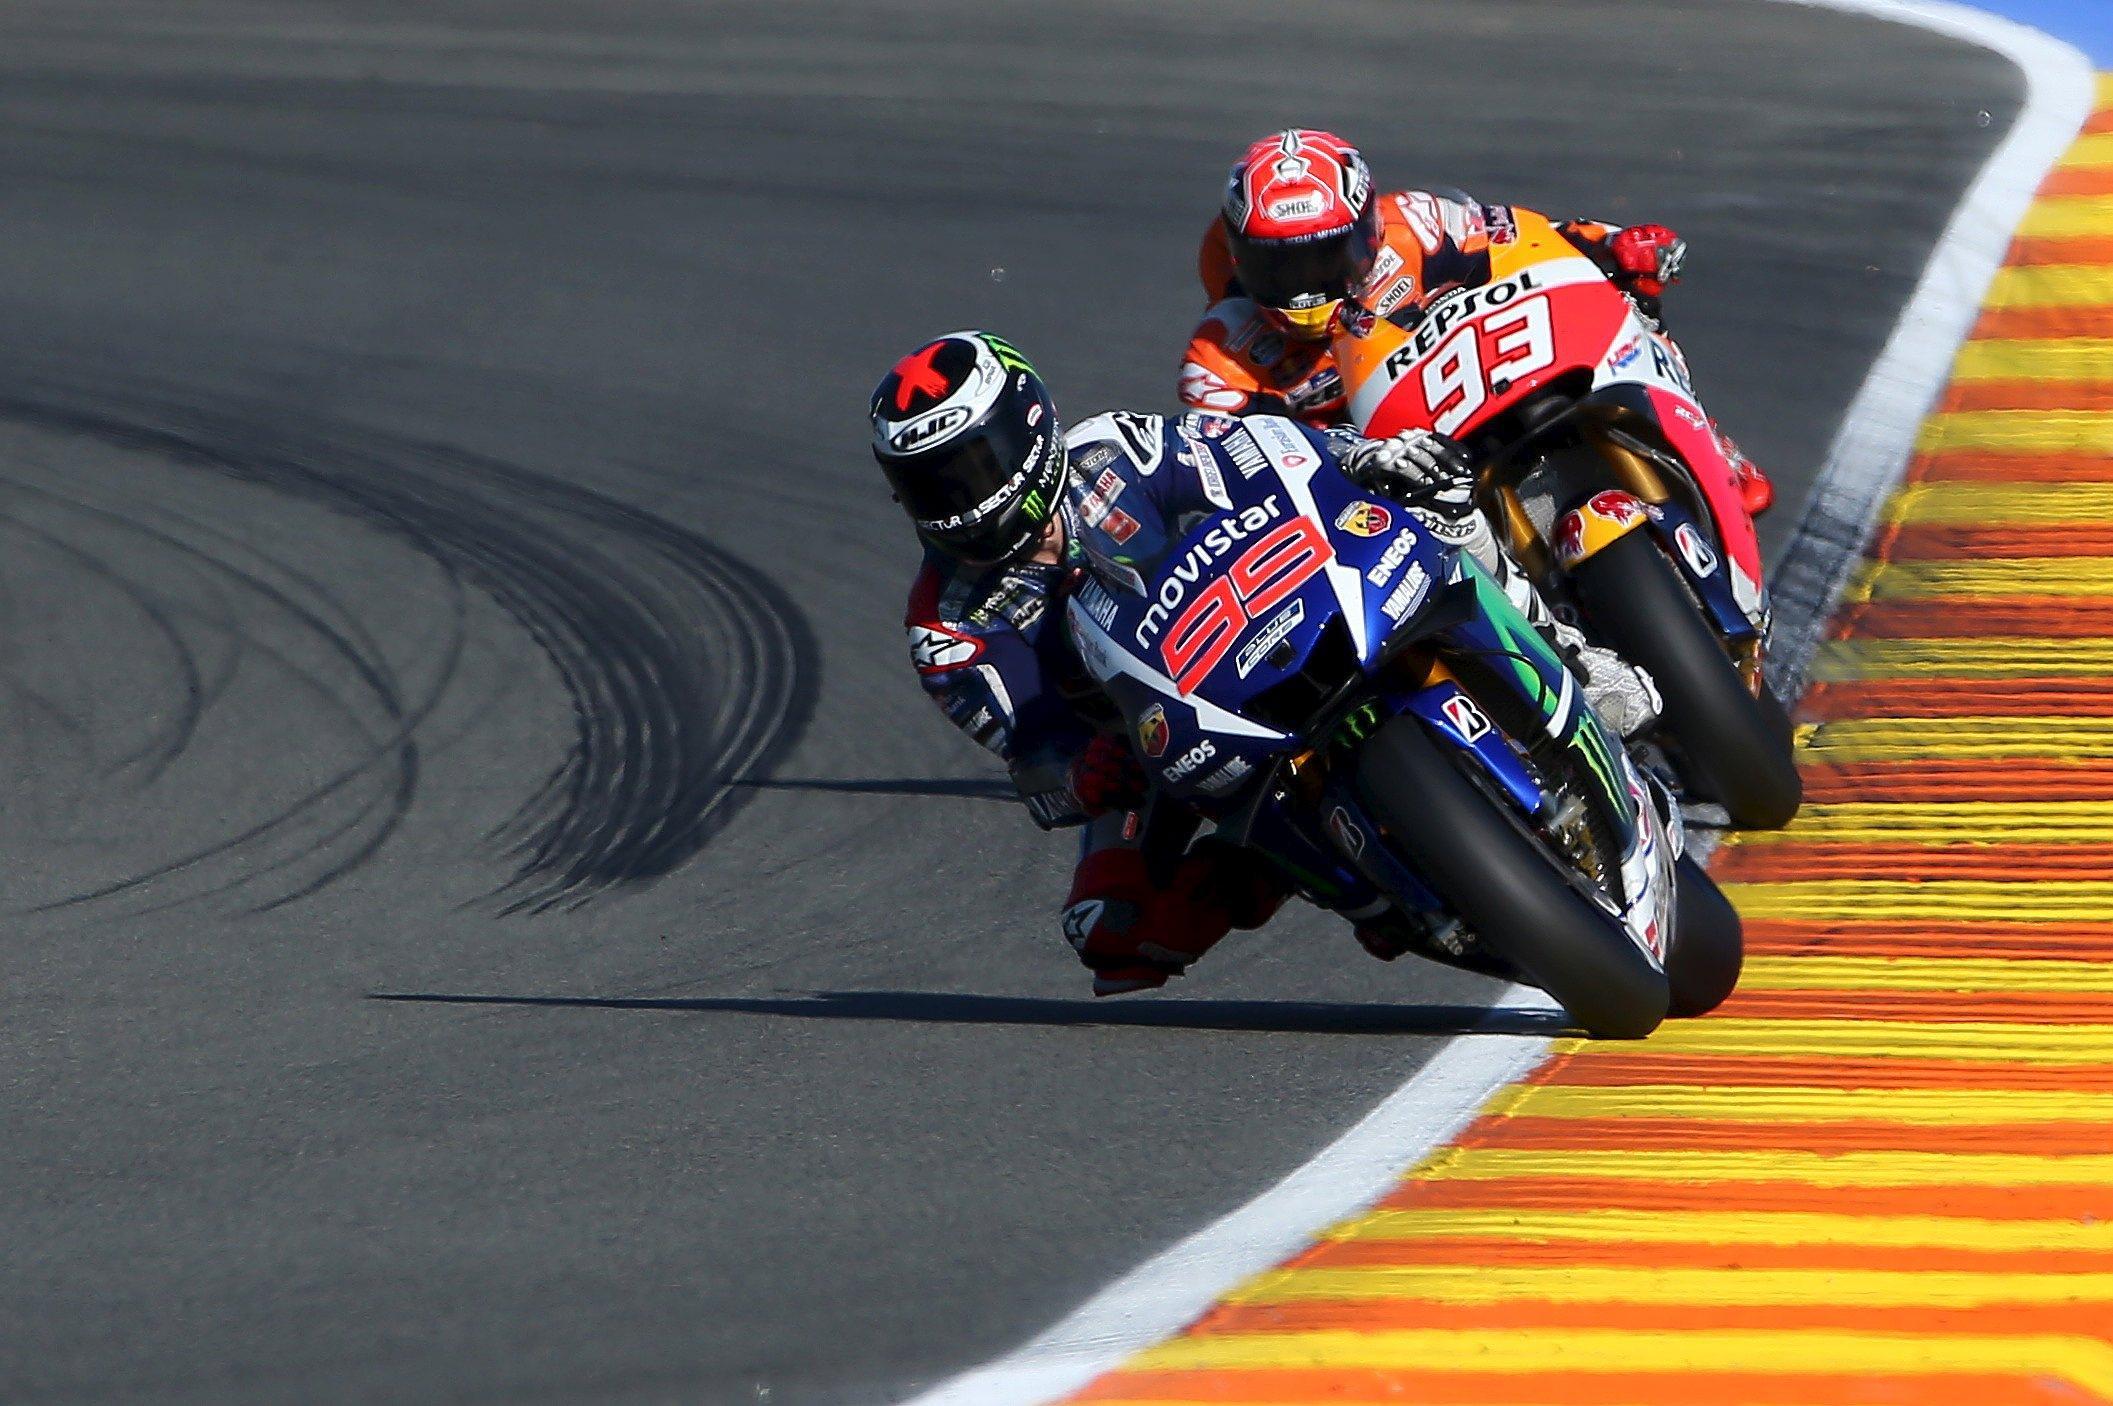 MotoGP MotoGP MotoGP motorbikes